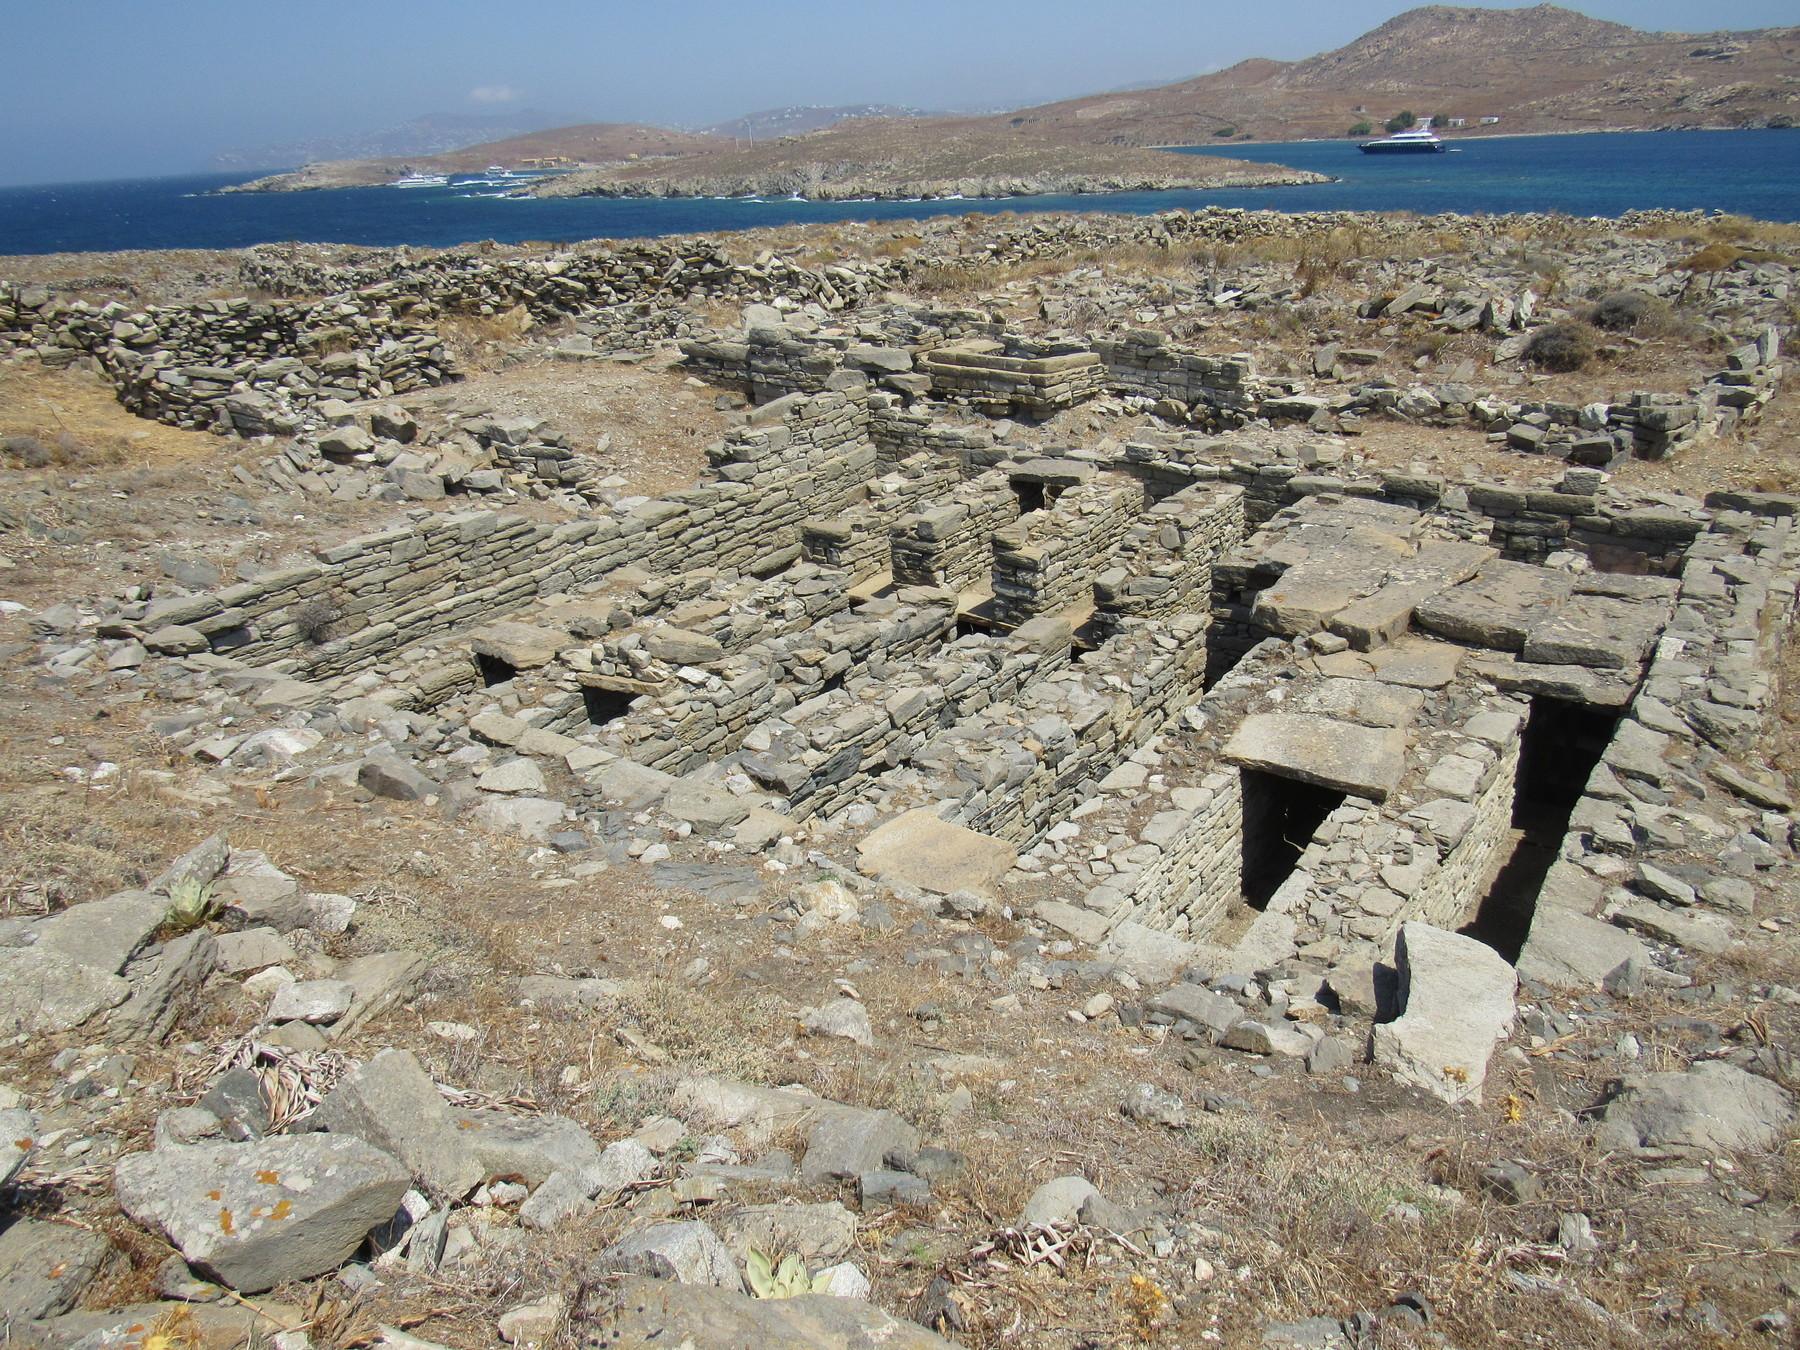 Υπόγειο ταφικό οικοδόμημα (columbarium) στην δηλιακή νεκρόπολη της Ρήνειας